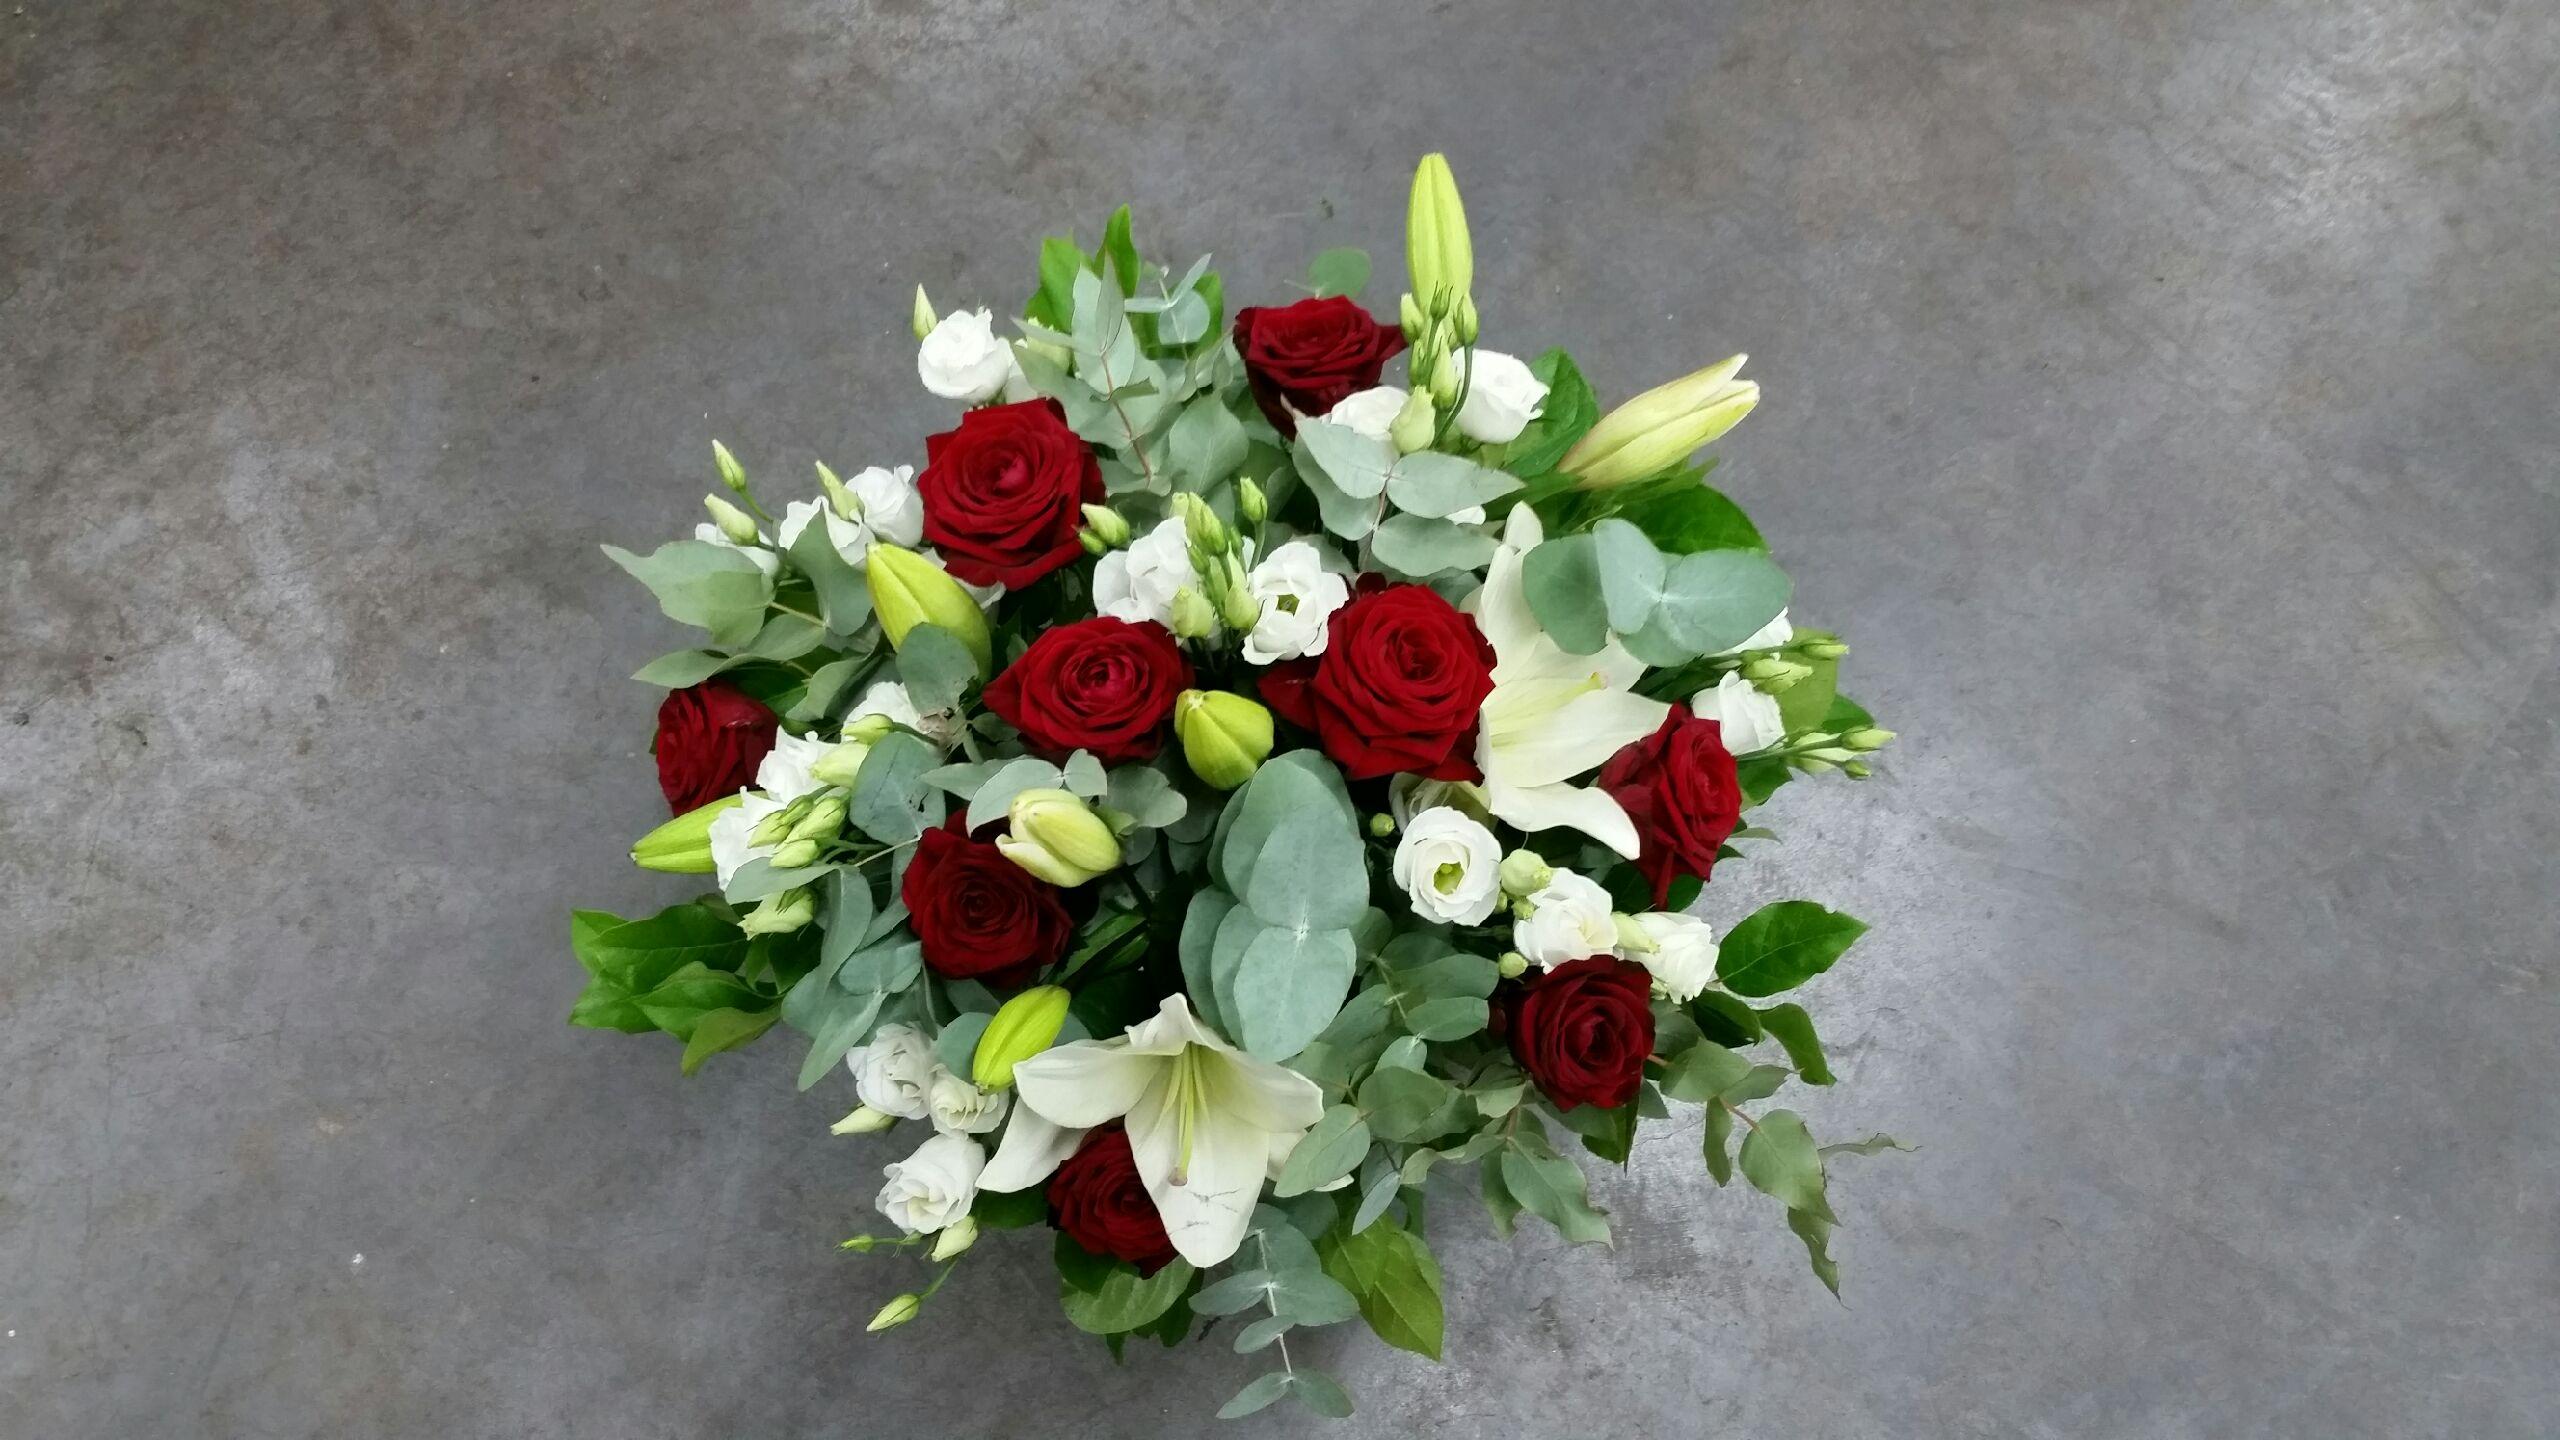 bouquet de fleur en direct meilleur prix qualit fleuriste. Black Bedroom Furniture Sets. Home Design Ideas